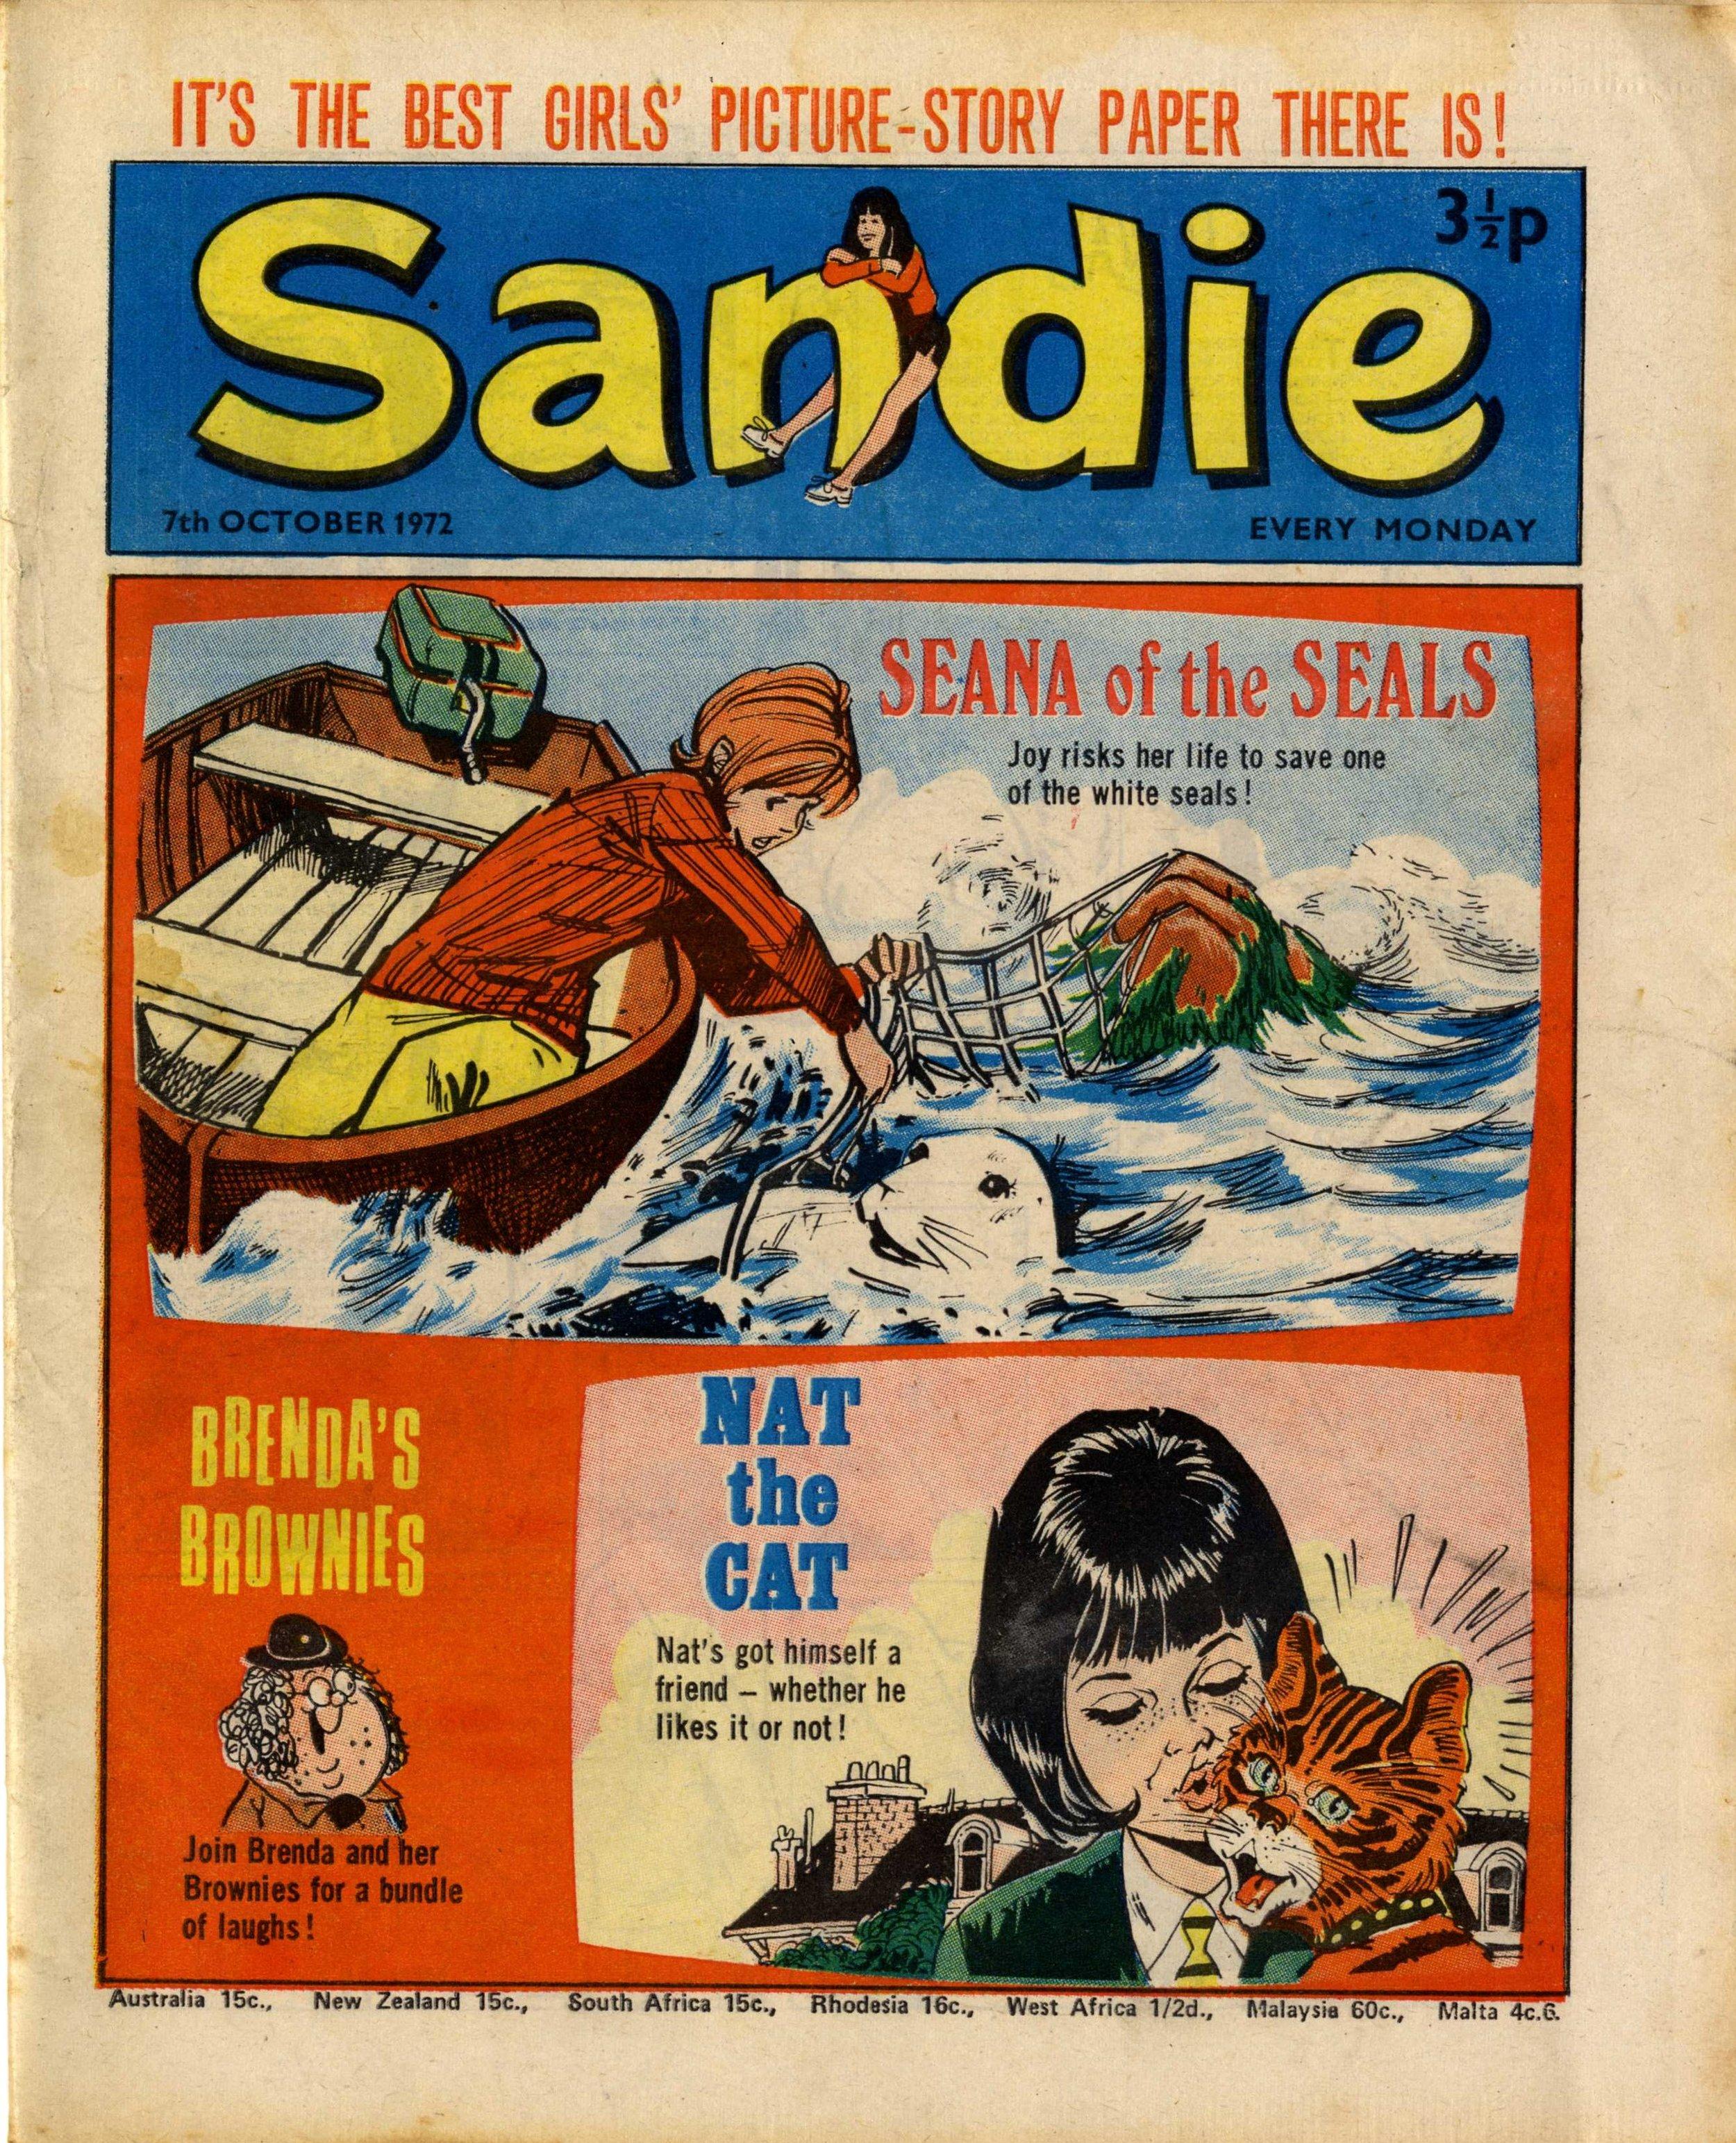 Sandie 071072 001.jpg